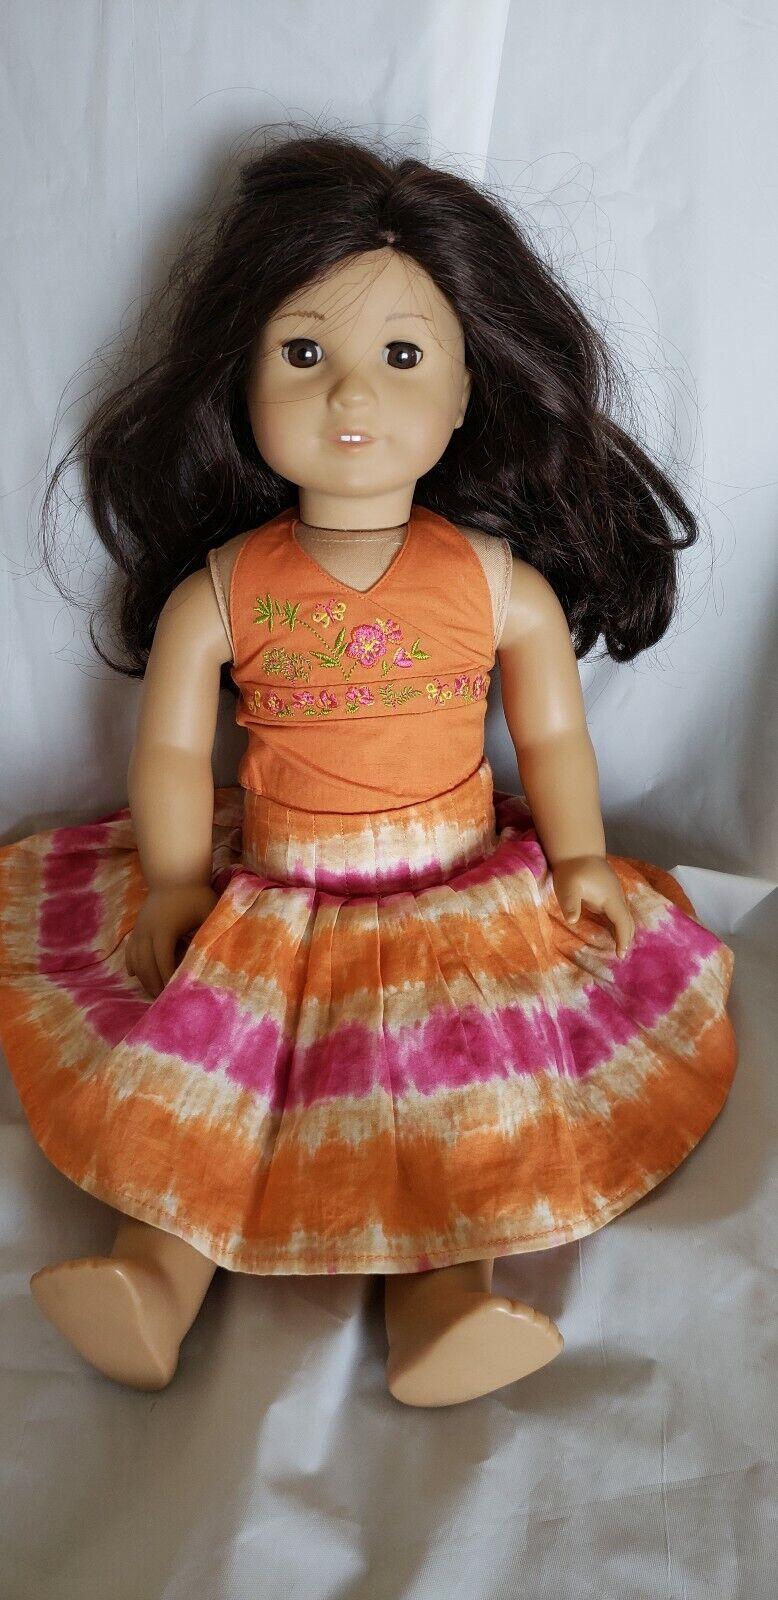 American Girl DollJess EUC 2006 girl of the year